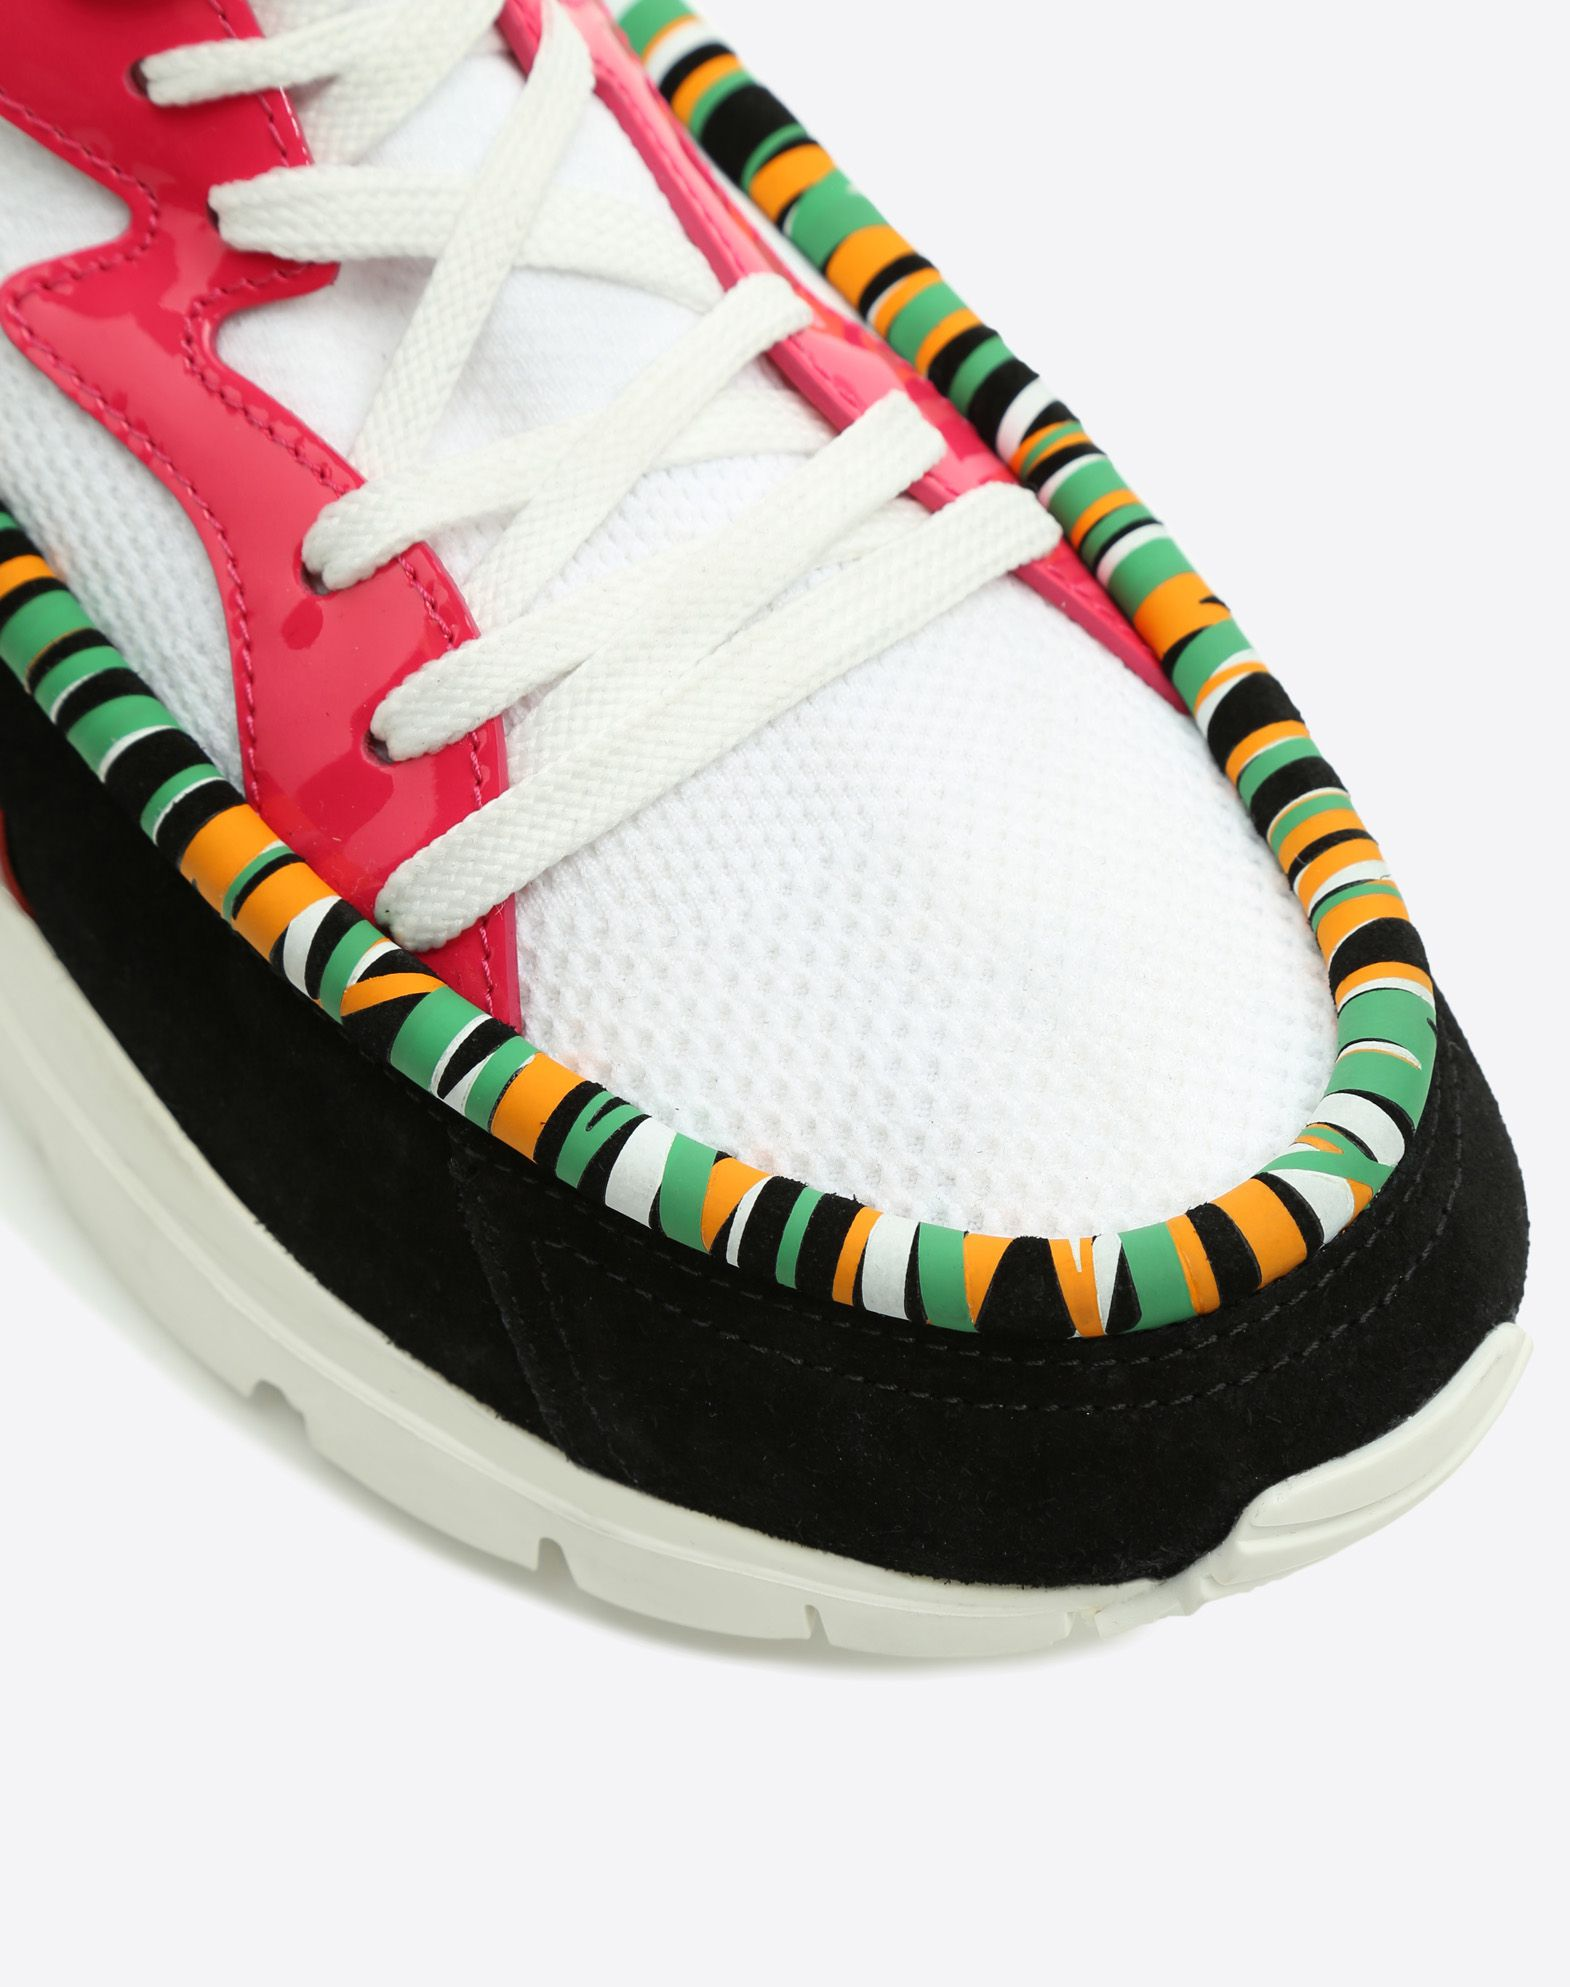 VALENTINO GARAVANI UOMO Sneakers Heroes Tribe SNEAKERS ALTAS U b